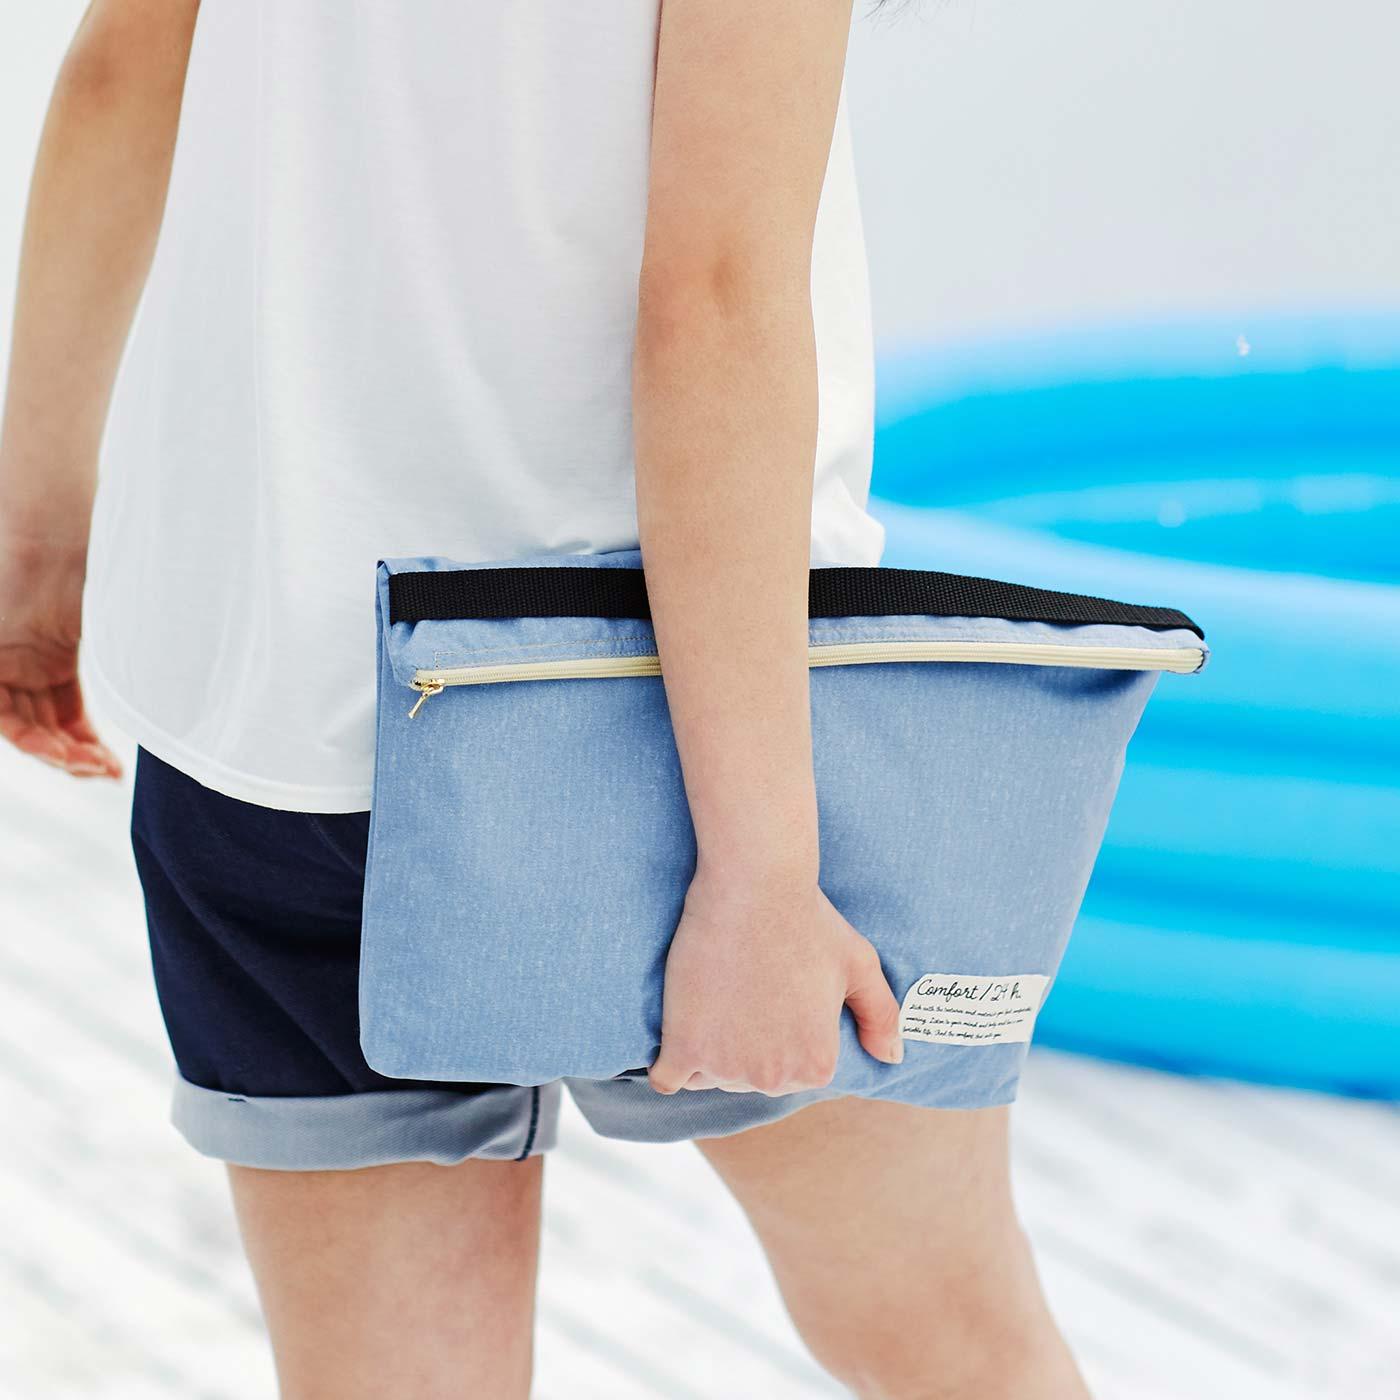 防水素材のポーチで荷物を水しぶきから賢く守って。